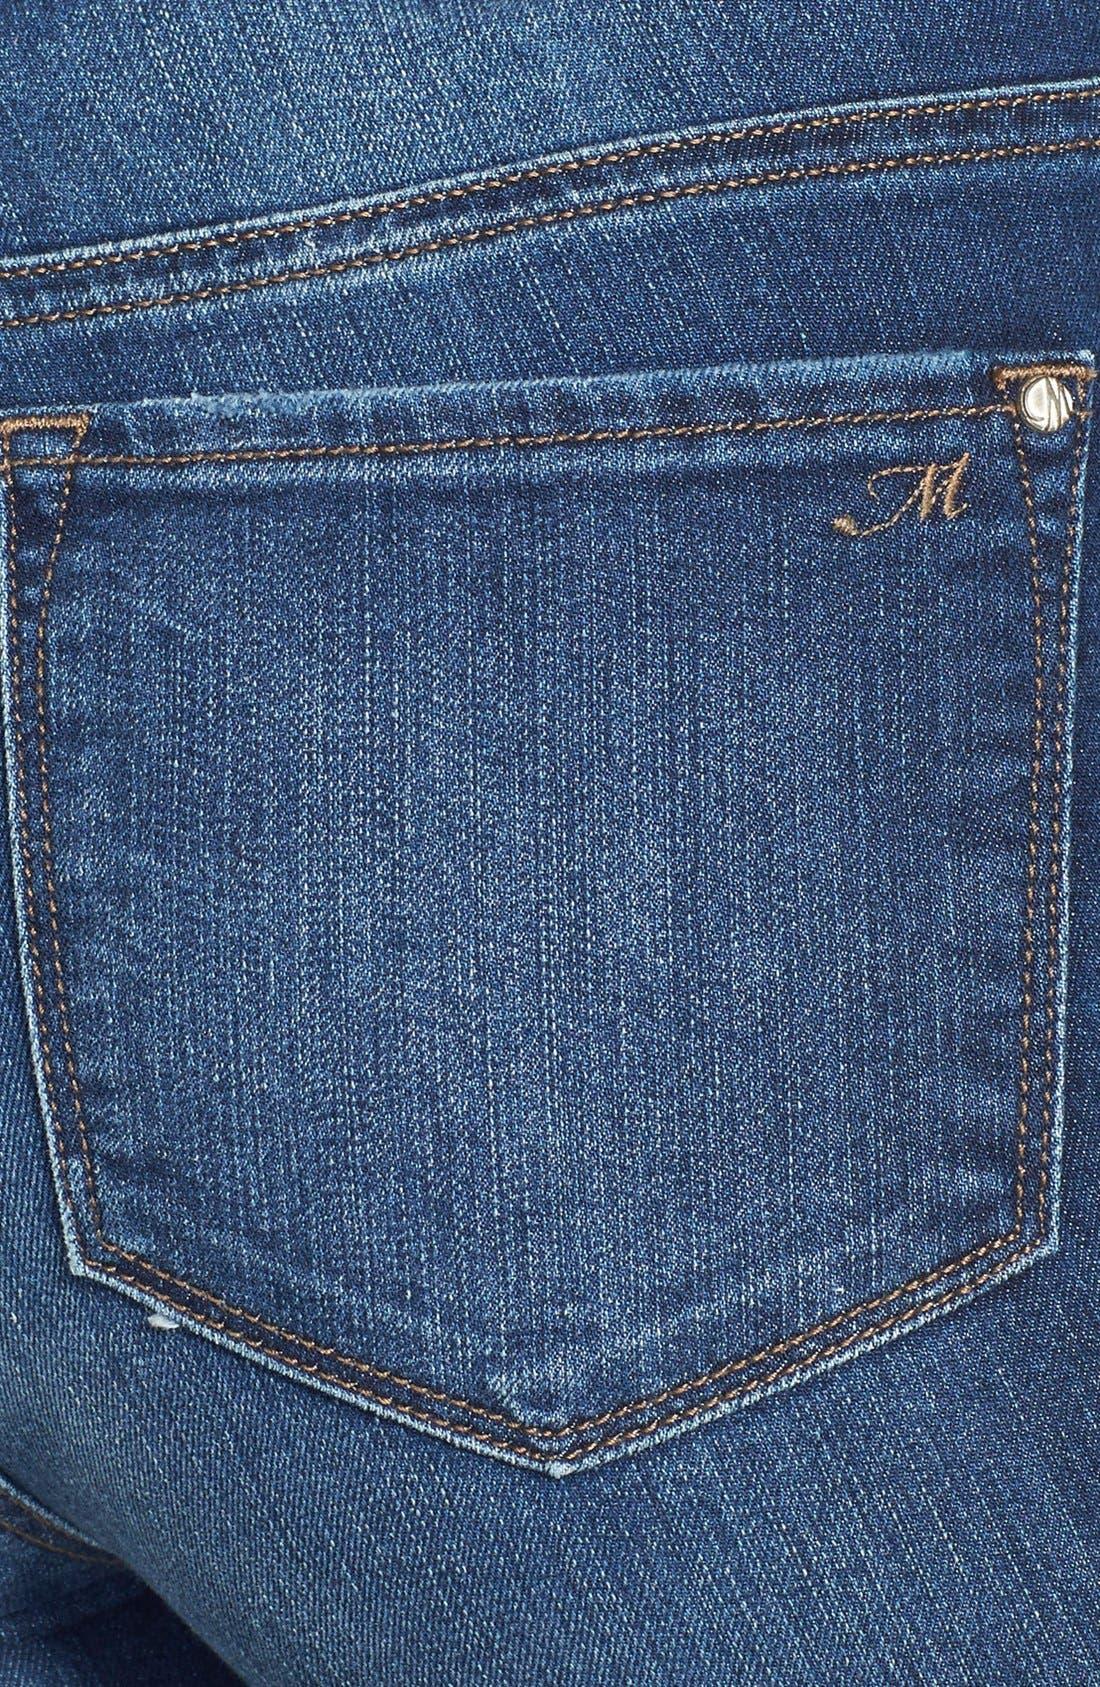 Alternate Image 3  - Mavi Jeans 'Alissa' Skinny Jeans (Medium Blue)